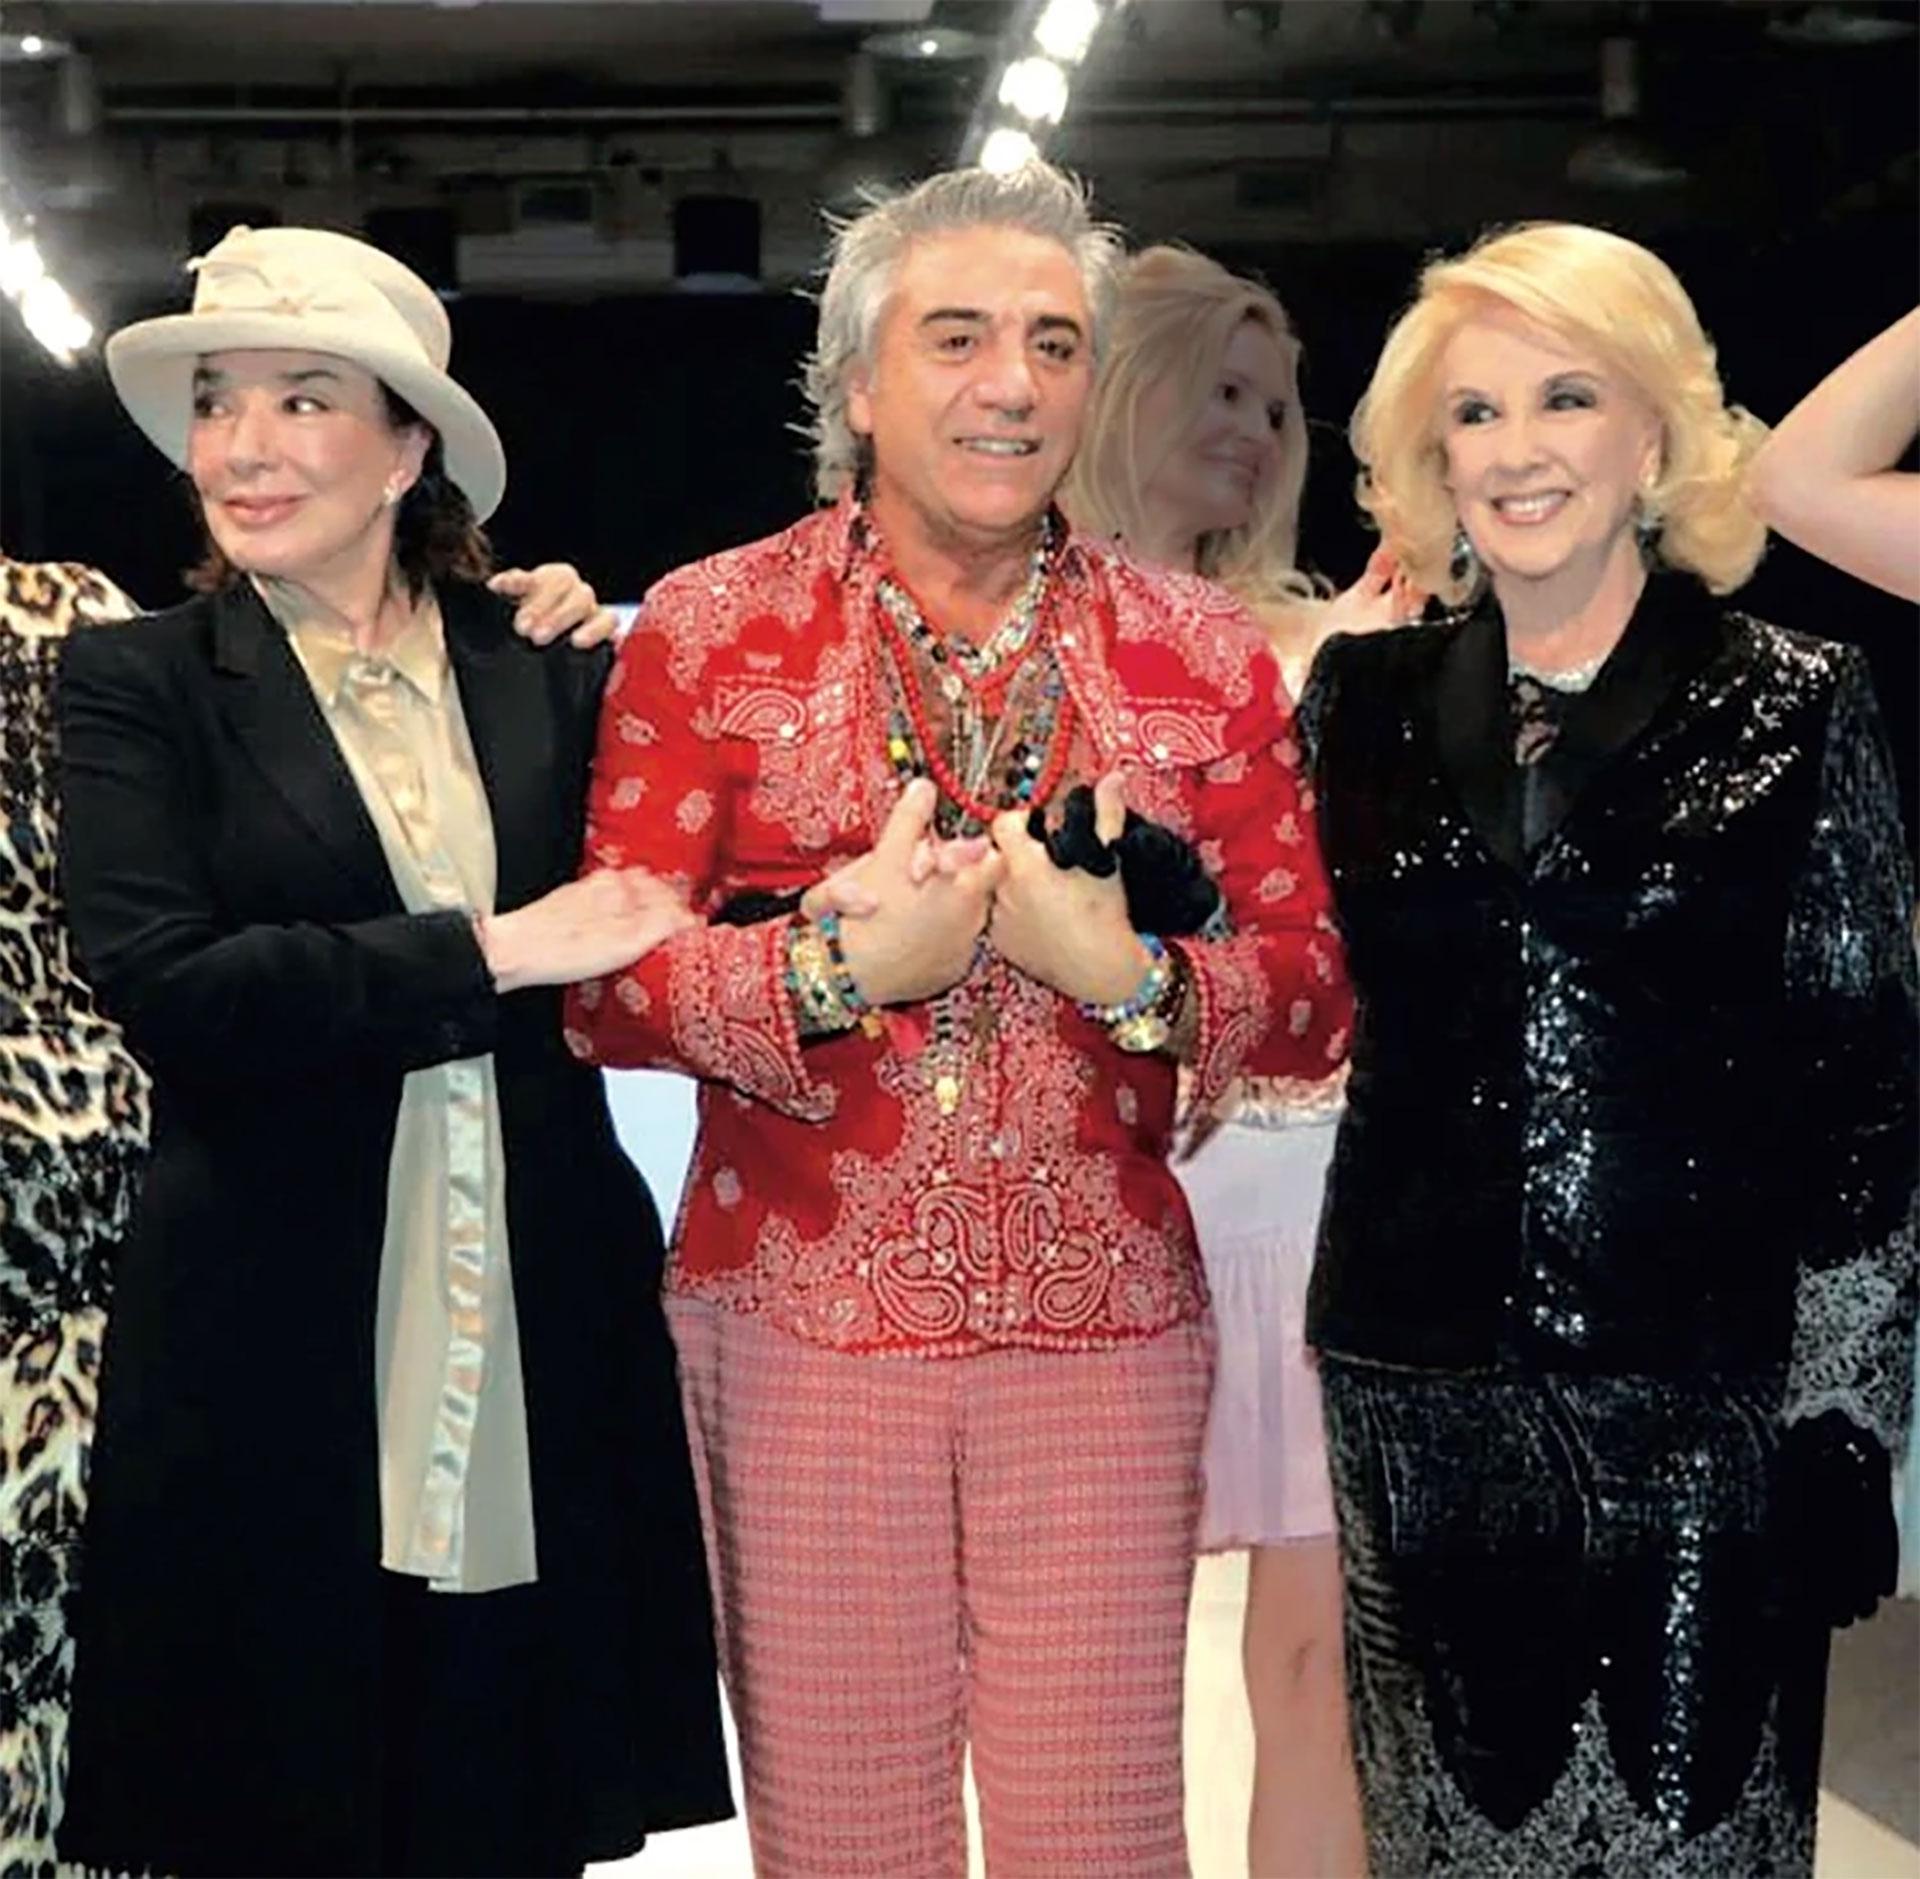 El famoso diseñador falleció a los 66 años. Mirtha Legrand, Teté Coustarot, Graciela Borges y Susana Giménez fueron algunas de las estrellas que lucieron sus inconfundibles creaciones confeccionadas con telas italianas, marroquíes y turcas.(Foto: archivo Gente)